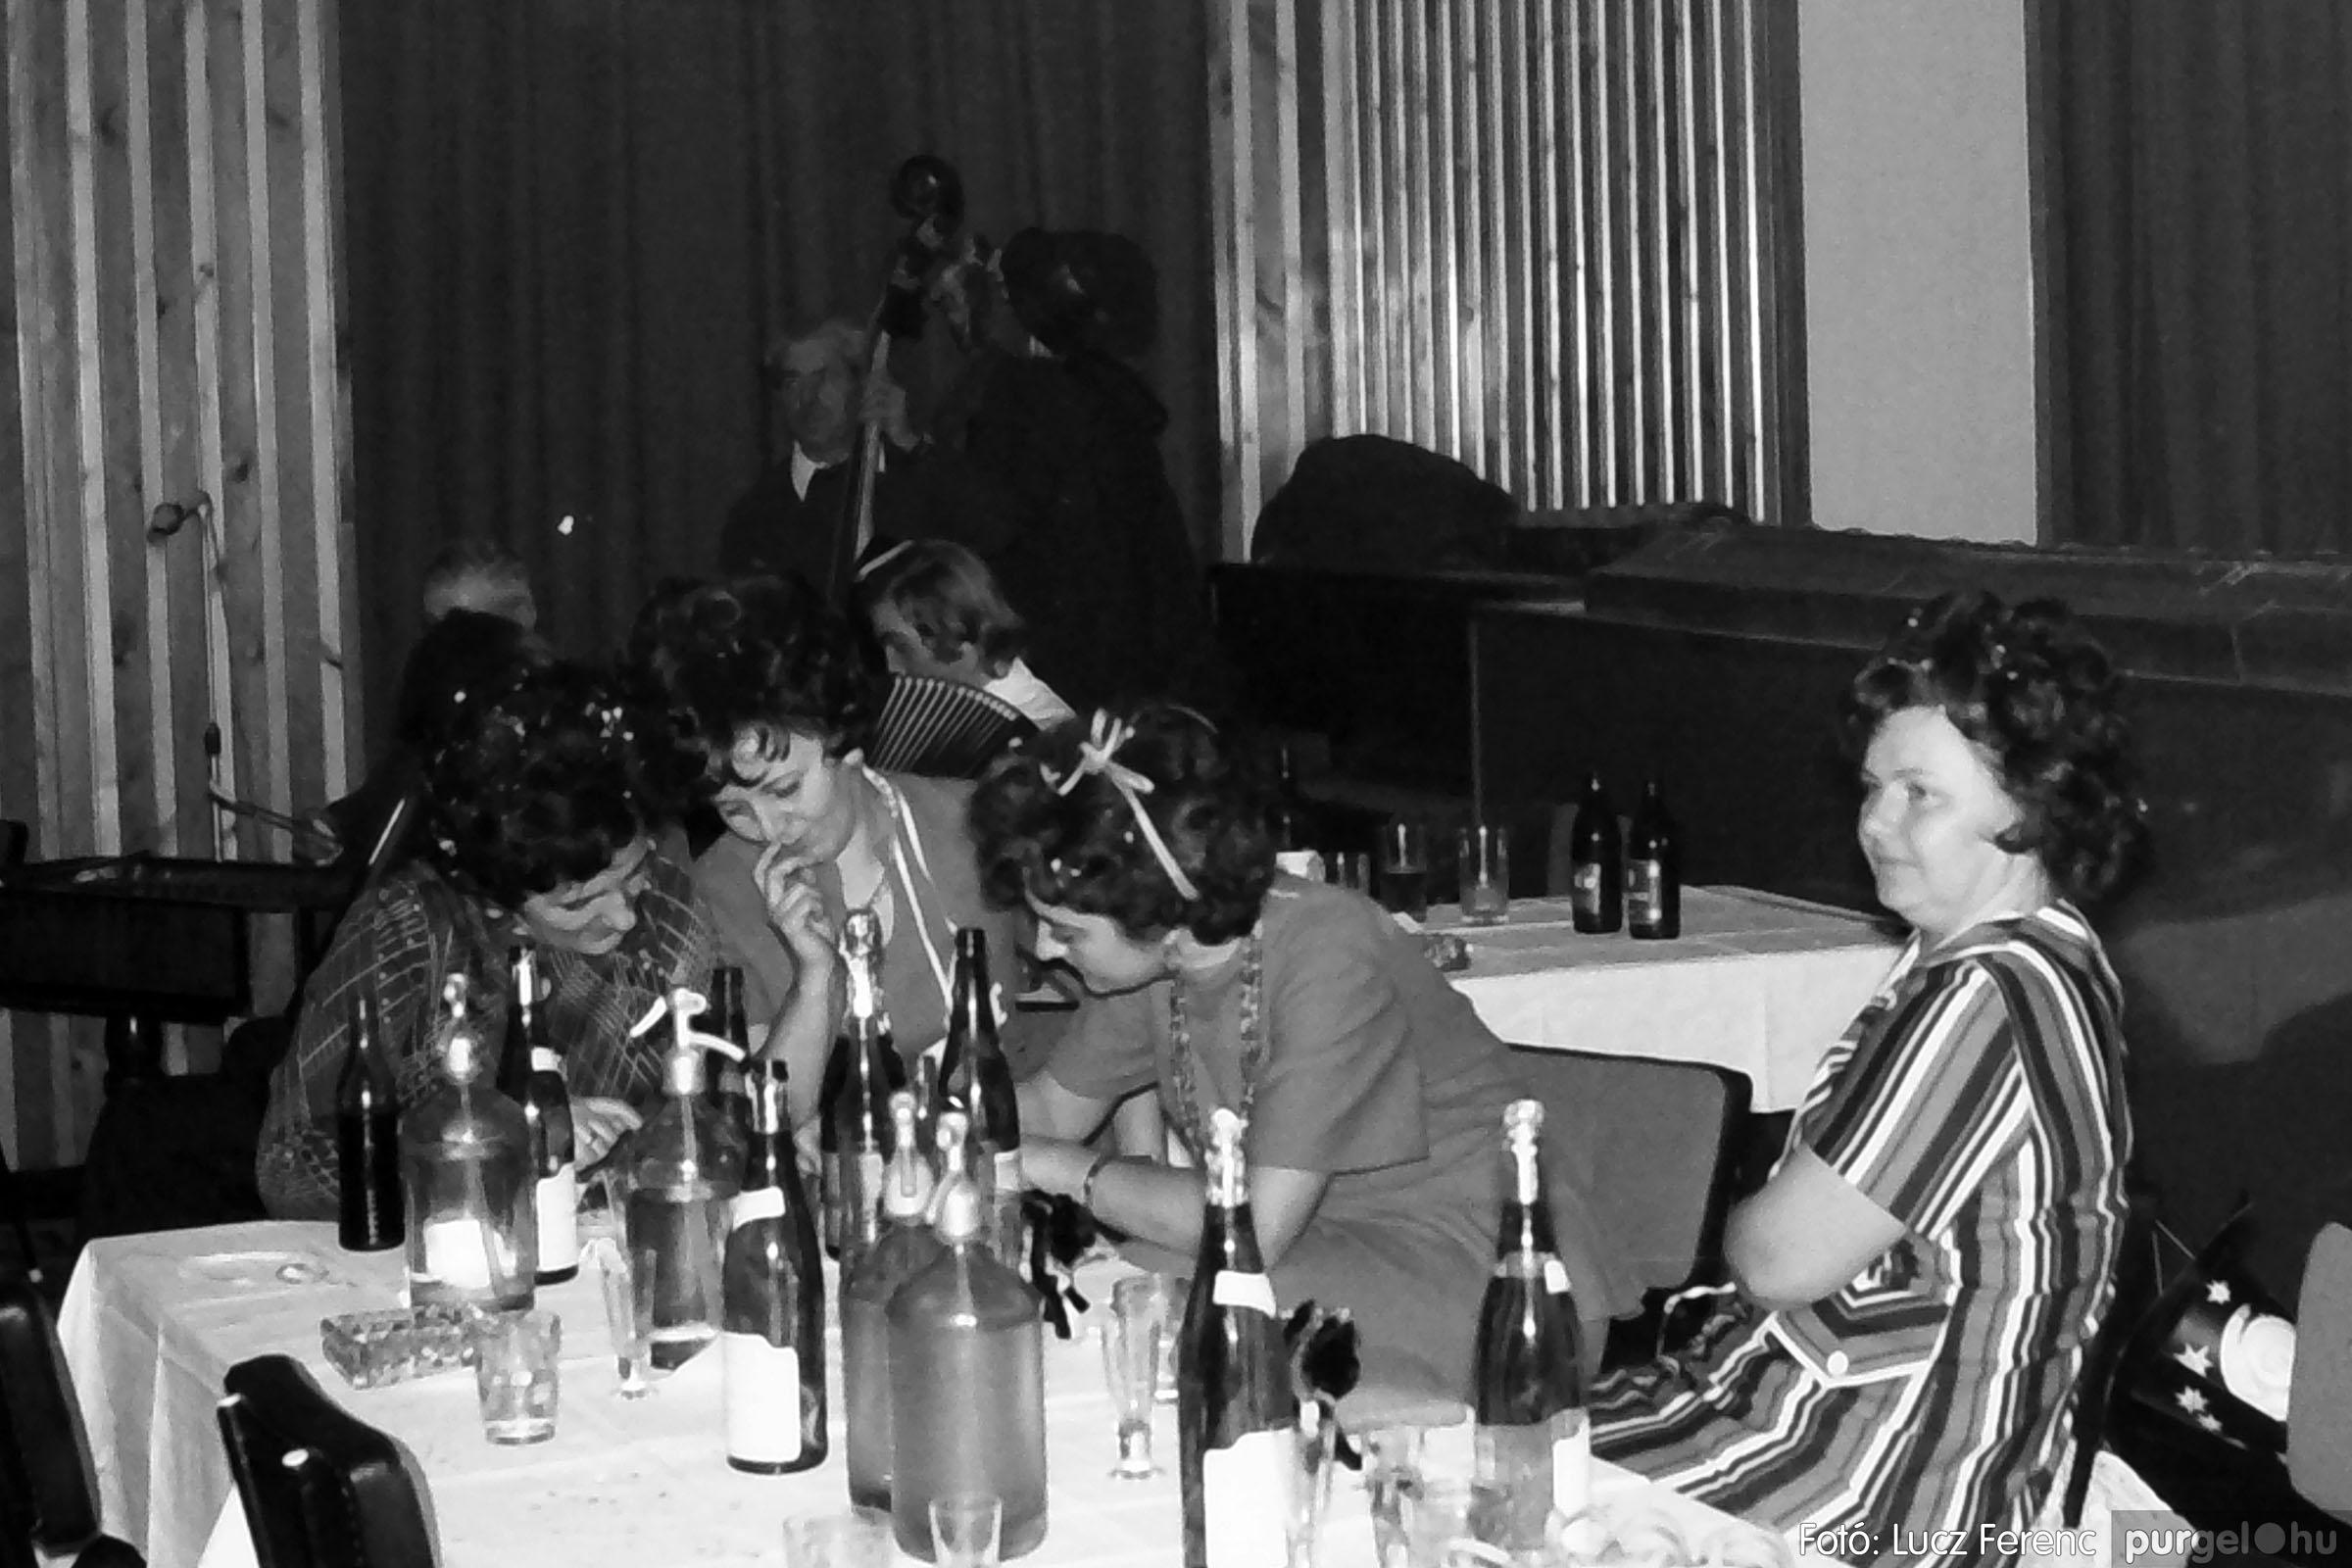 030. 1975.12.31. Szilveszter a kultúrházban 013 - Fotó: Lucz Ferenc.jpg